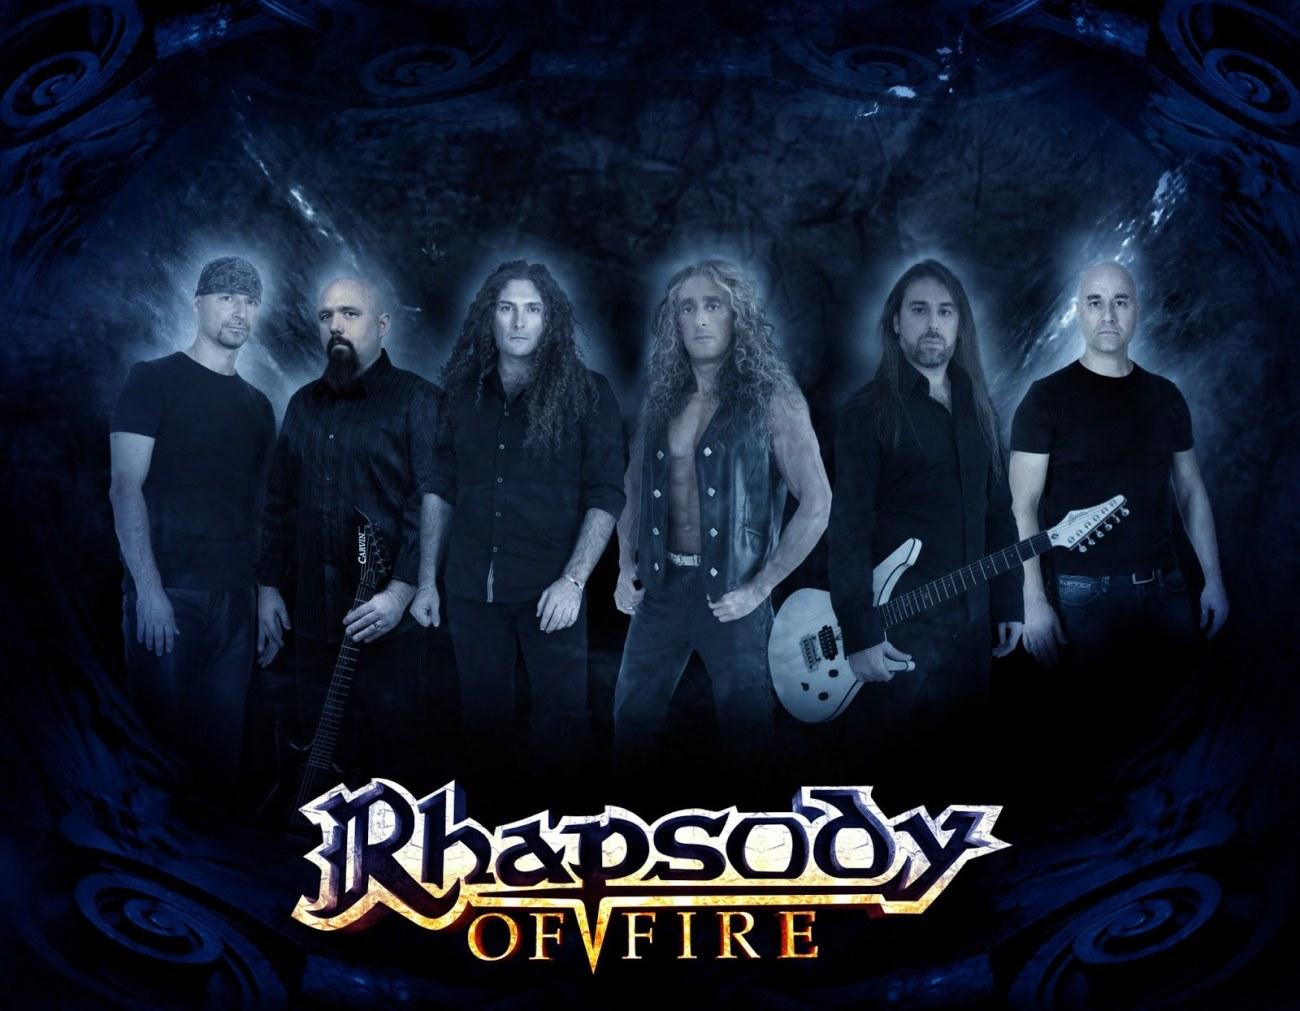 rhapsody_of_fire_band_2013